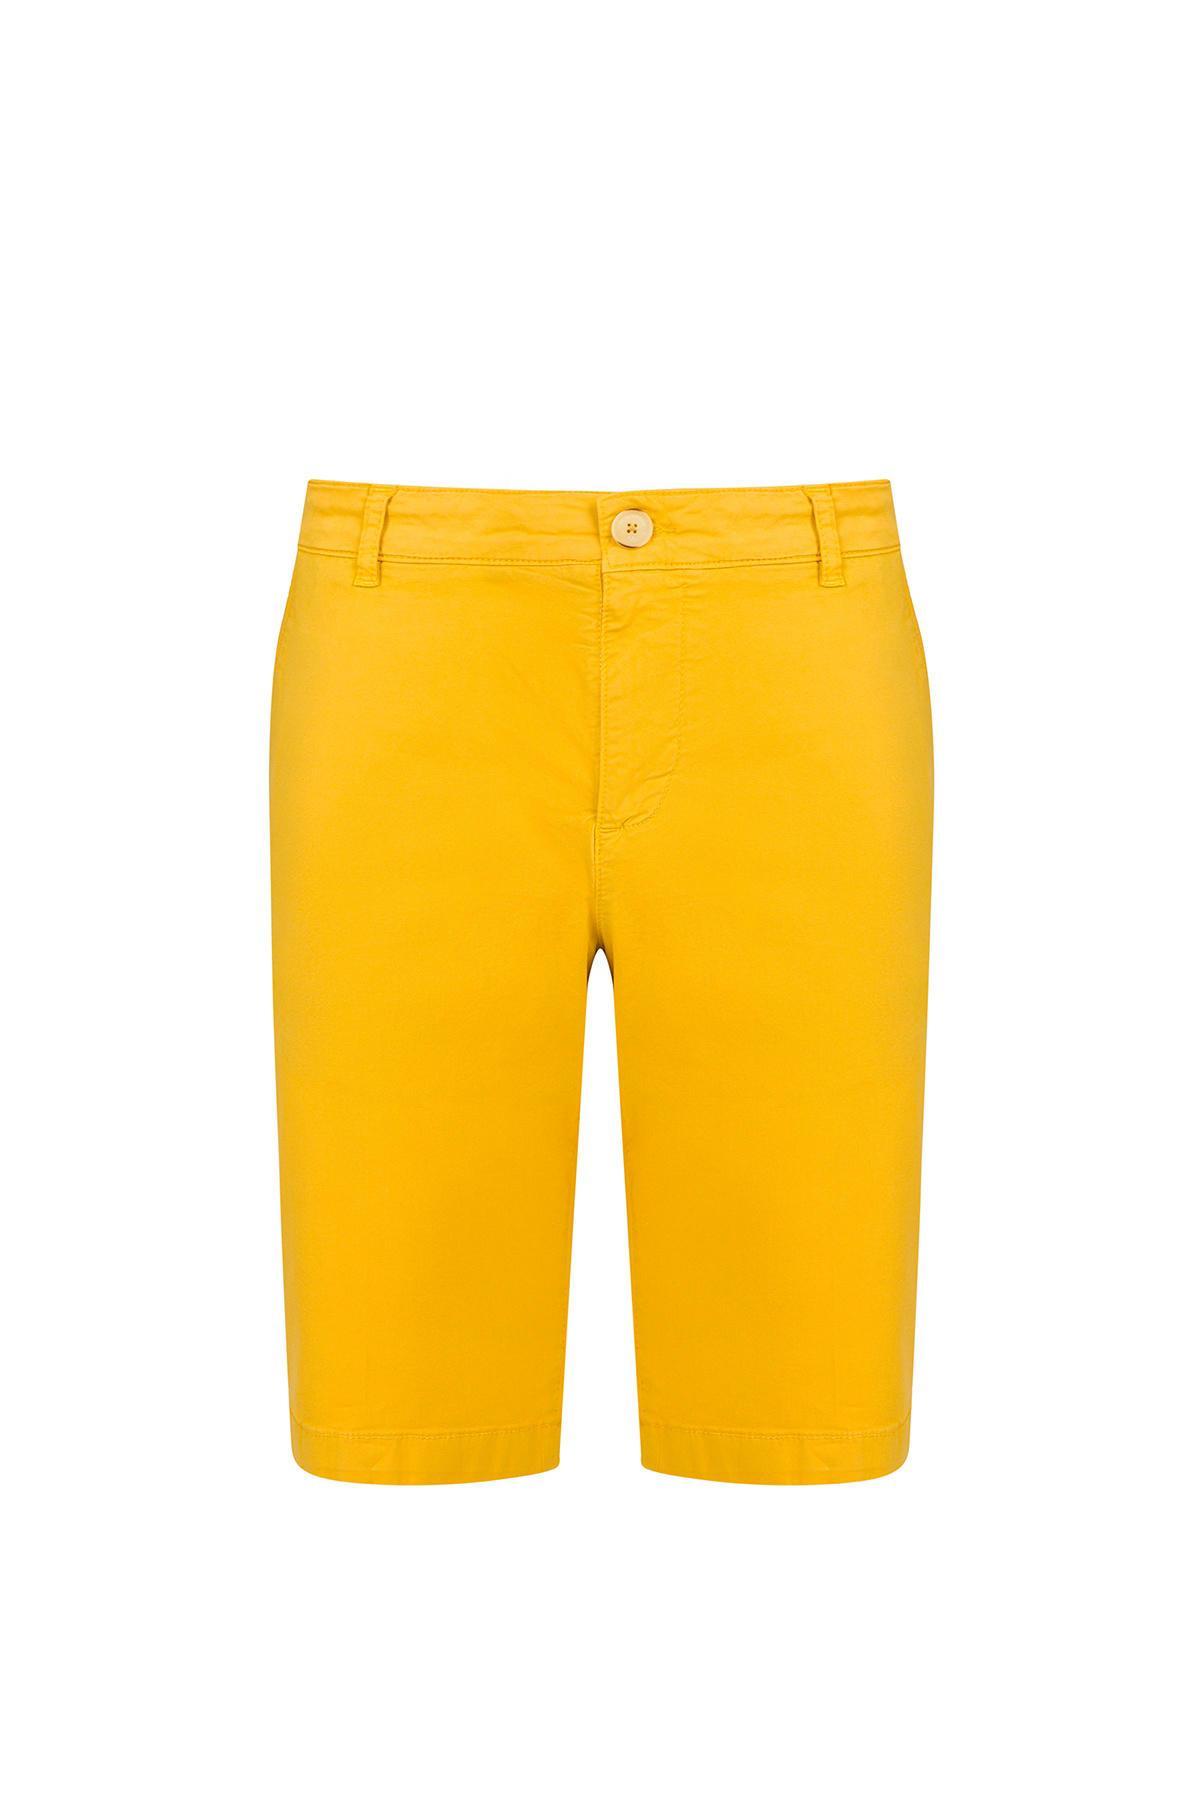 Sarı Pamuk Chino Bermuda Şort